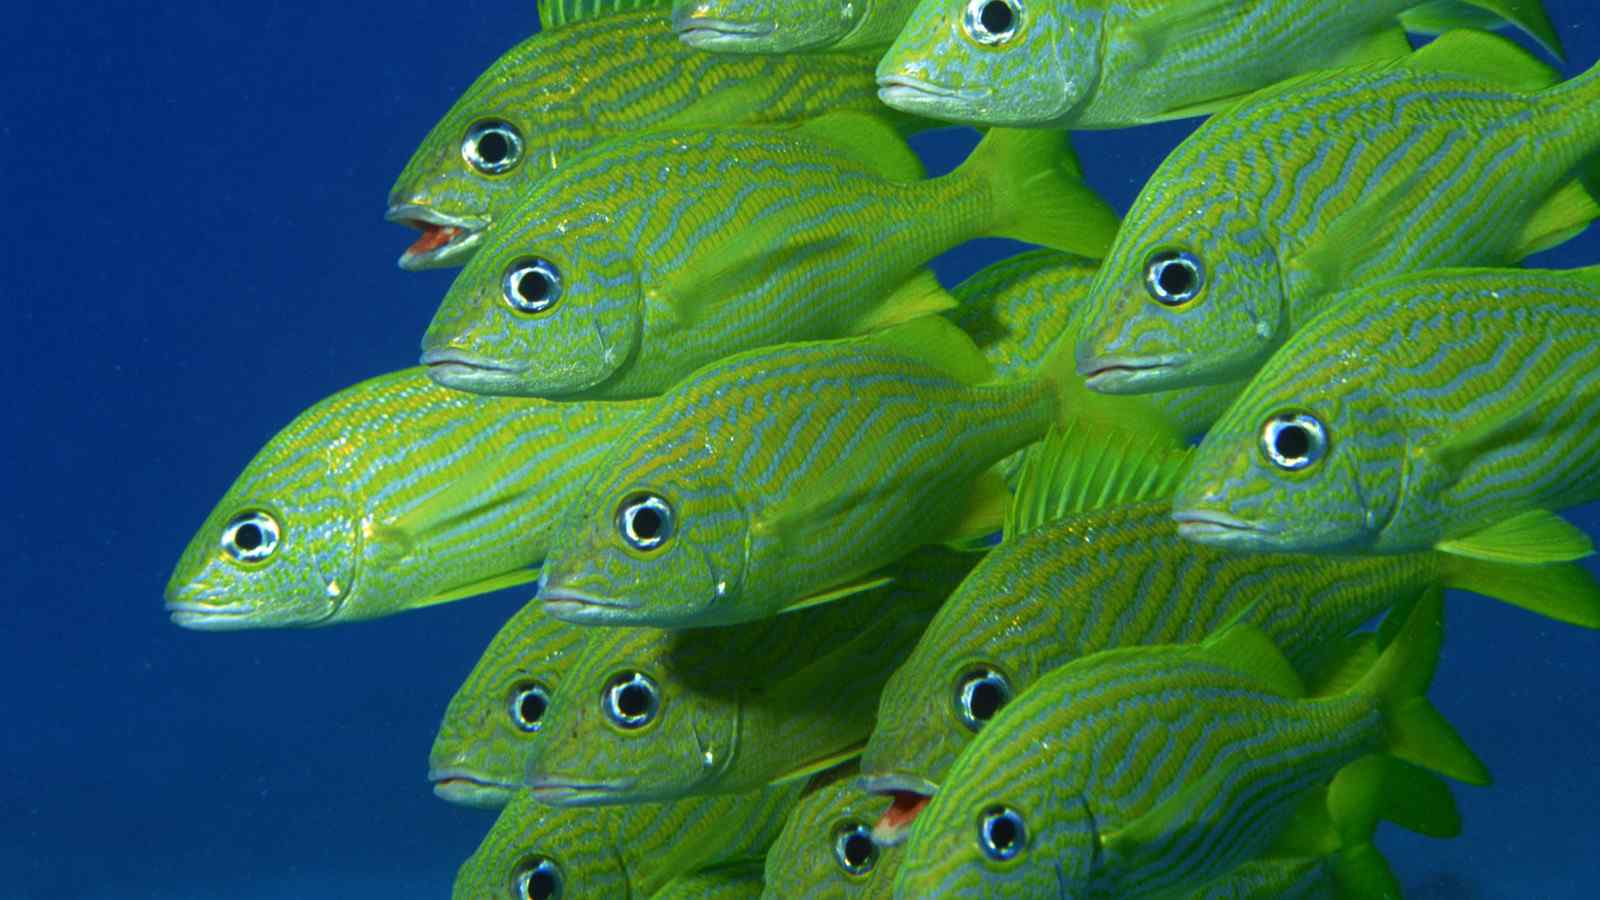 唯美绿色鱼群壁纸